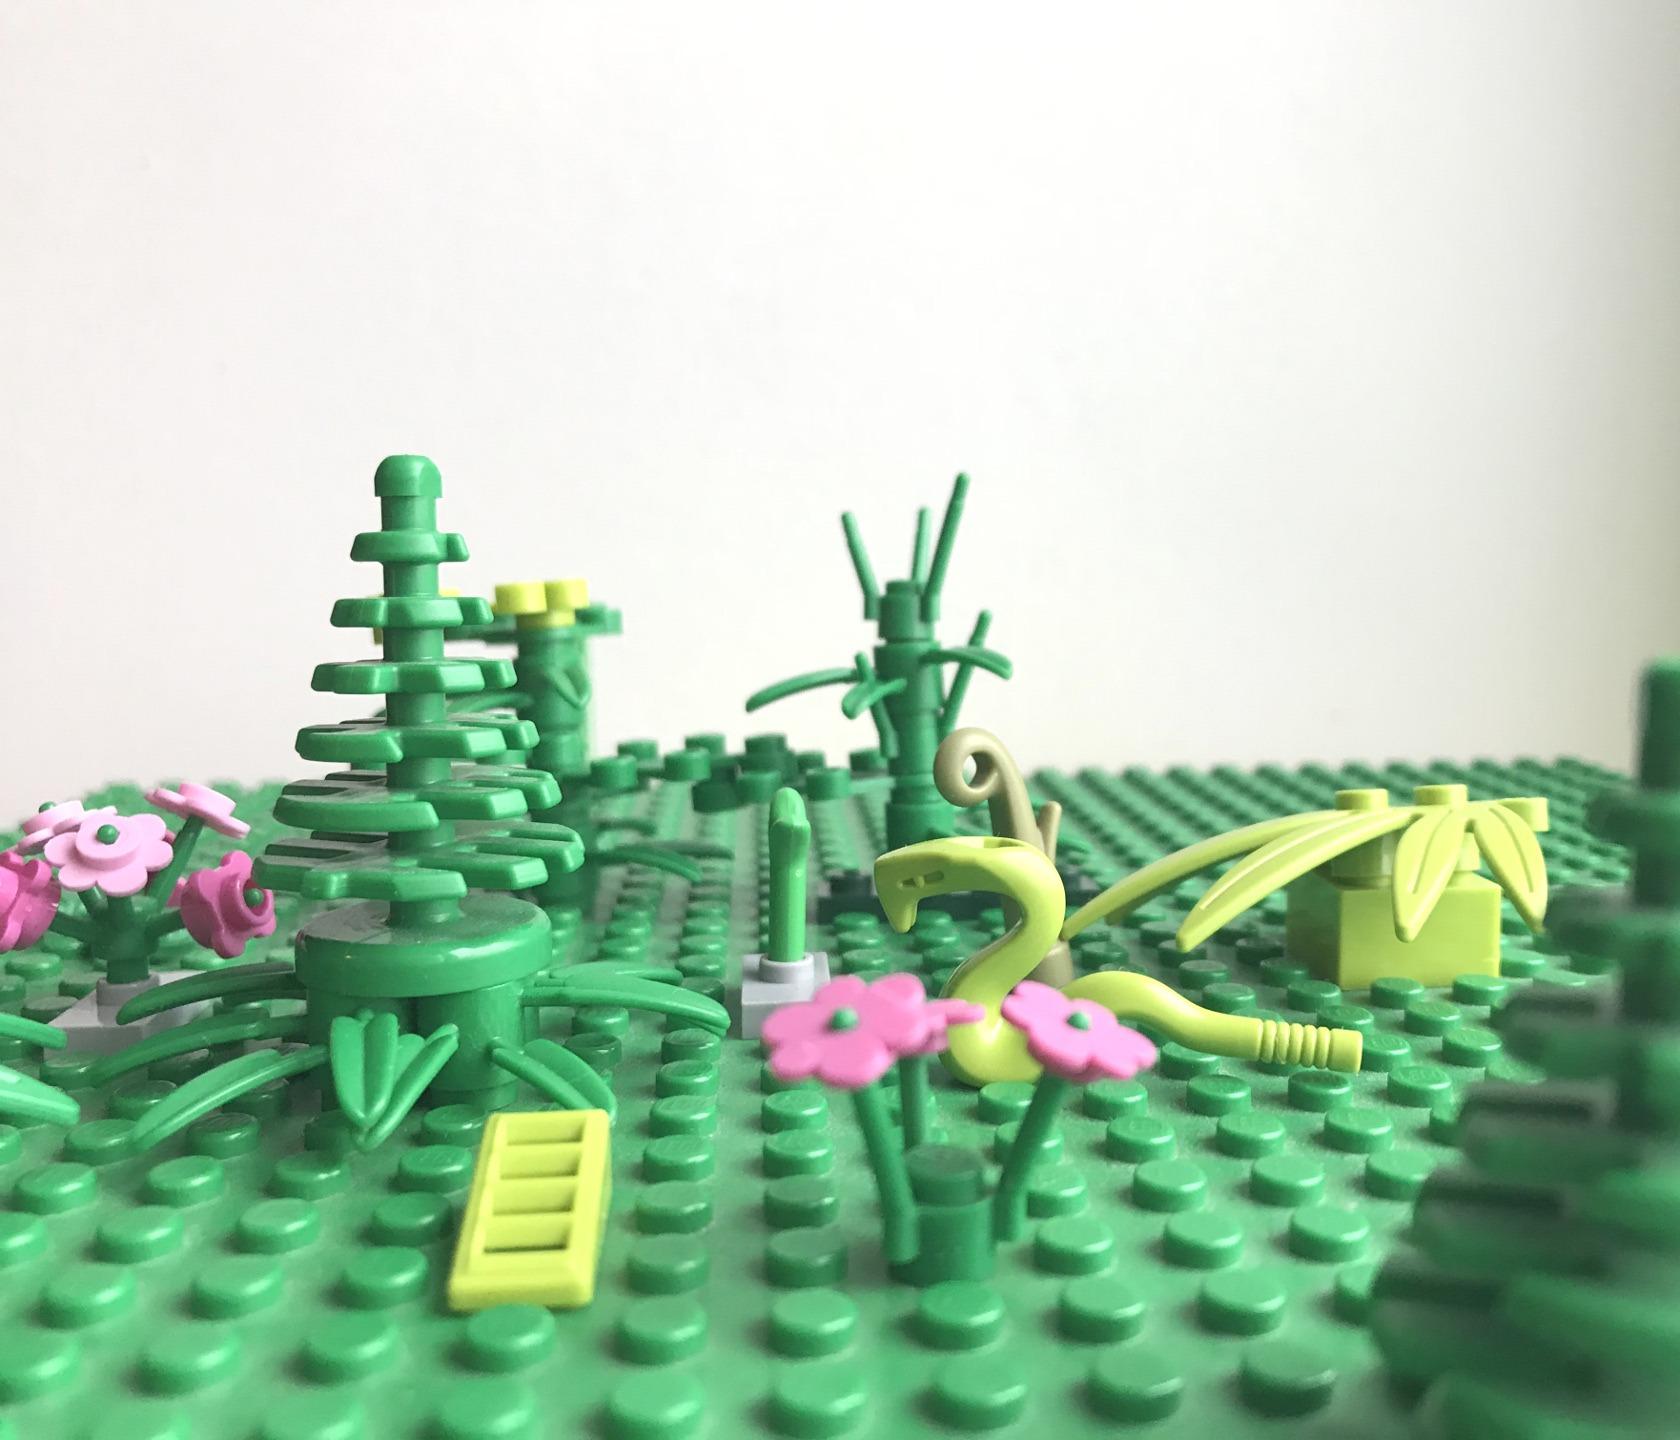 LEGO: klocki z materiału pochodzenia roślinnego!